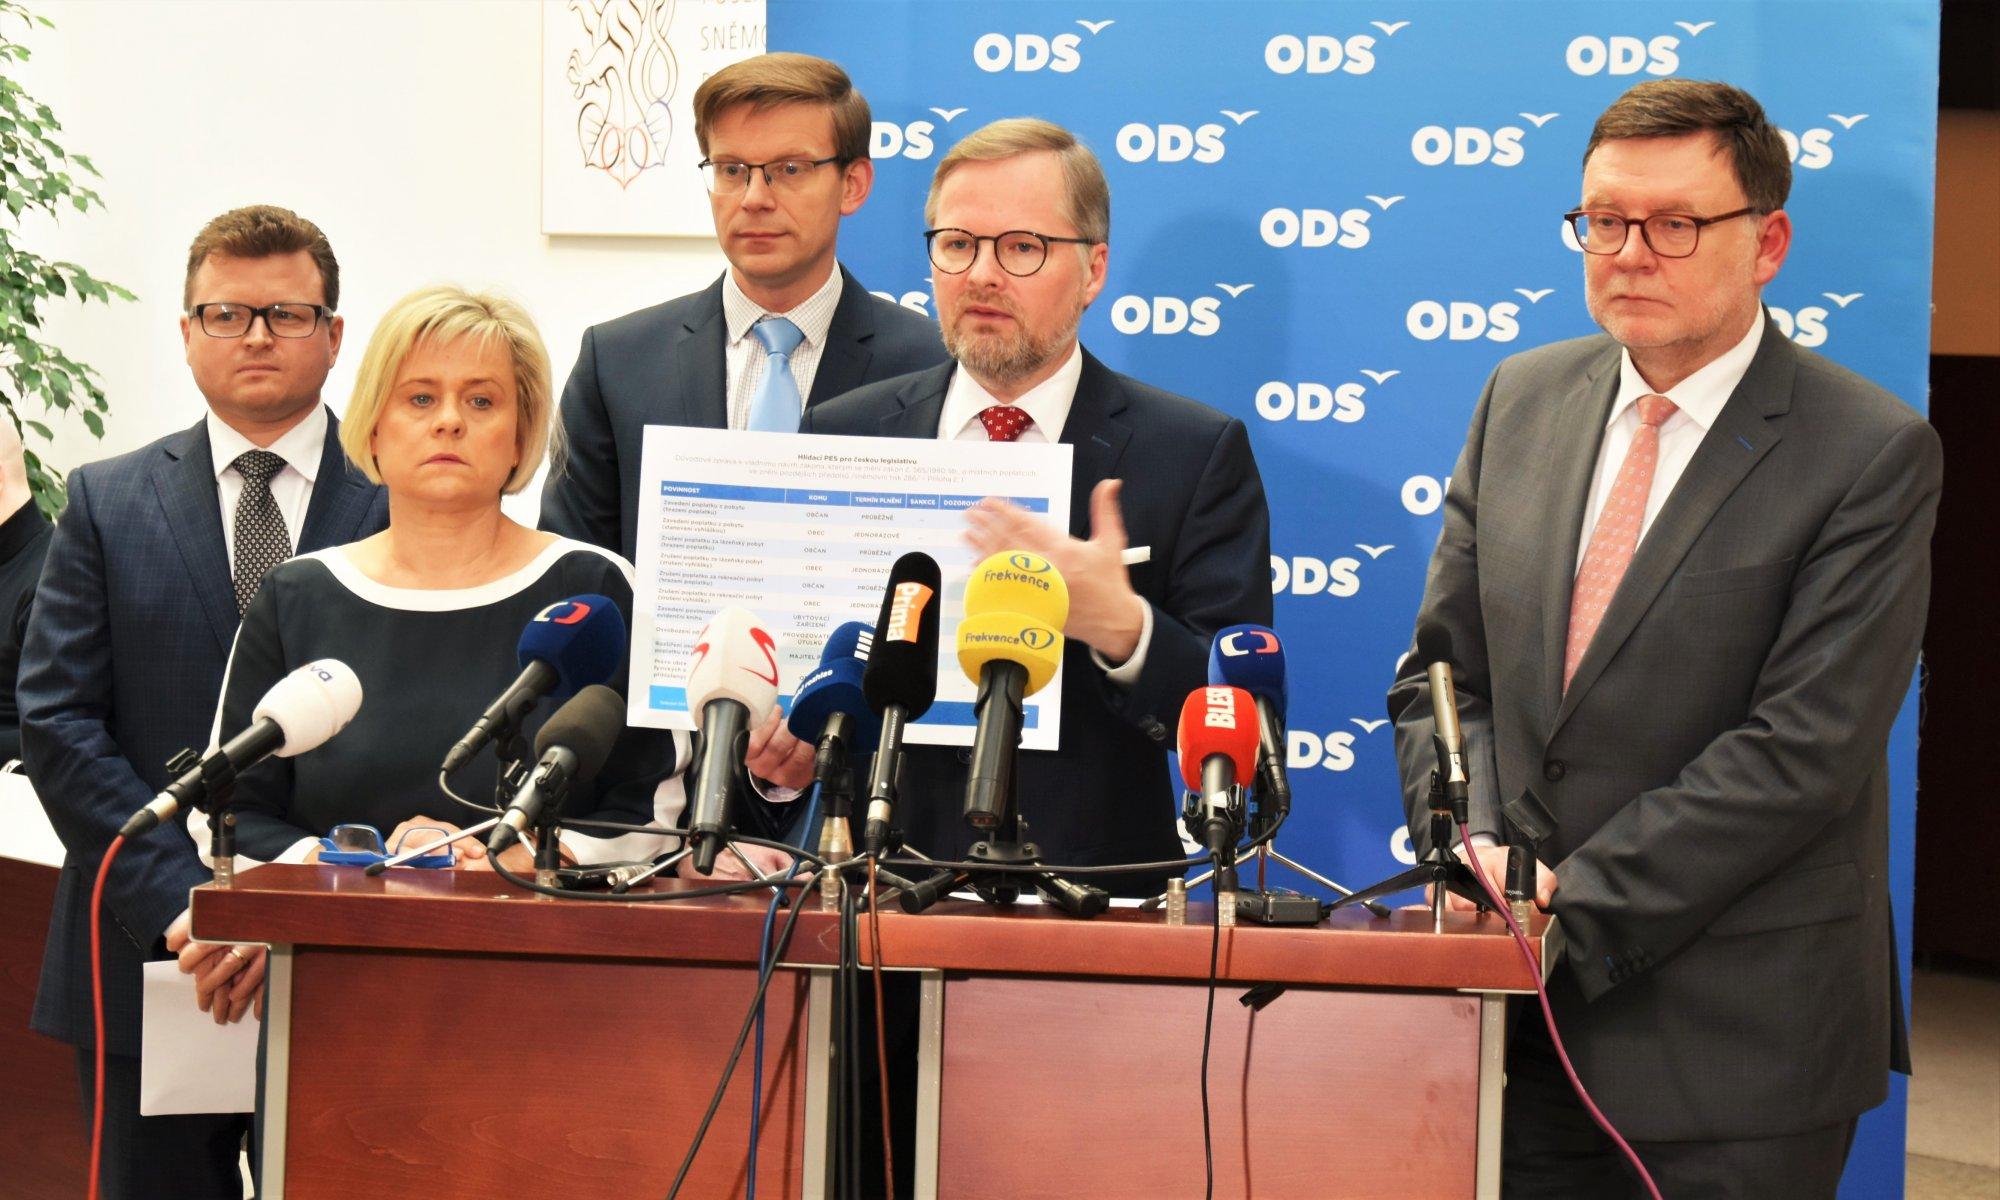 ODS: Udělali jsme první krok v reformě státu tak, aby stát sloužil lidem, ne lidé státu